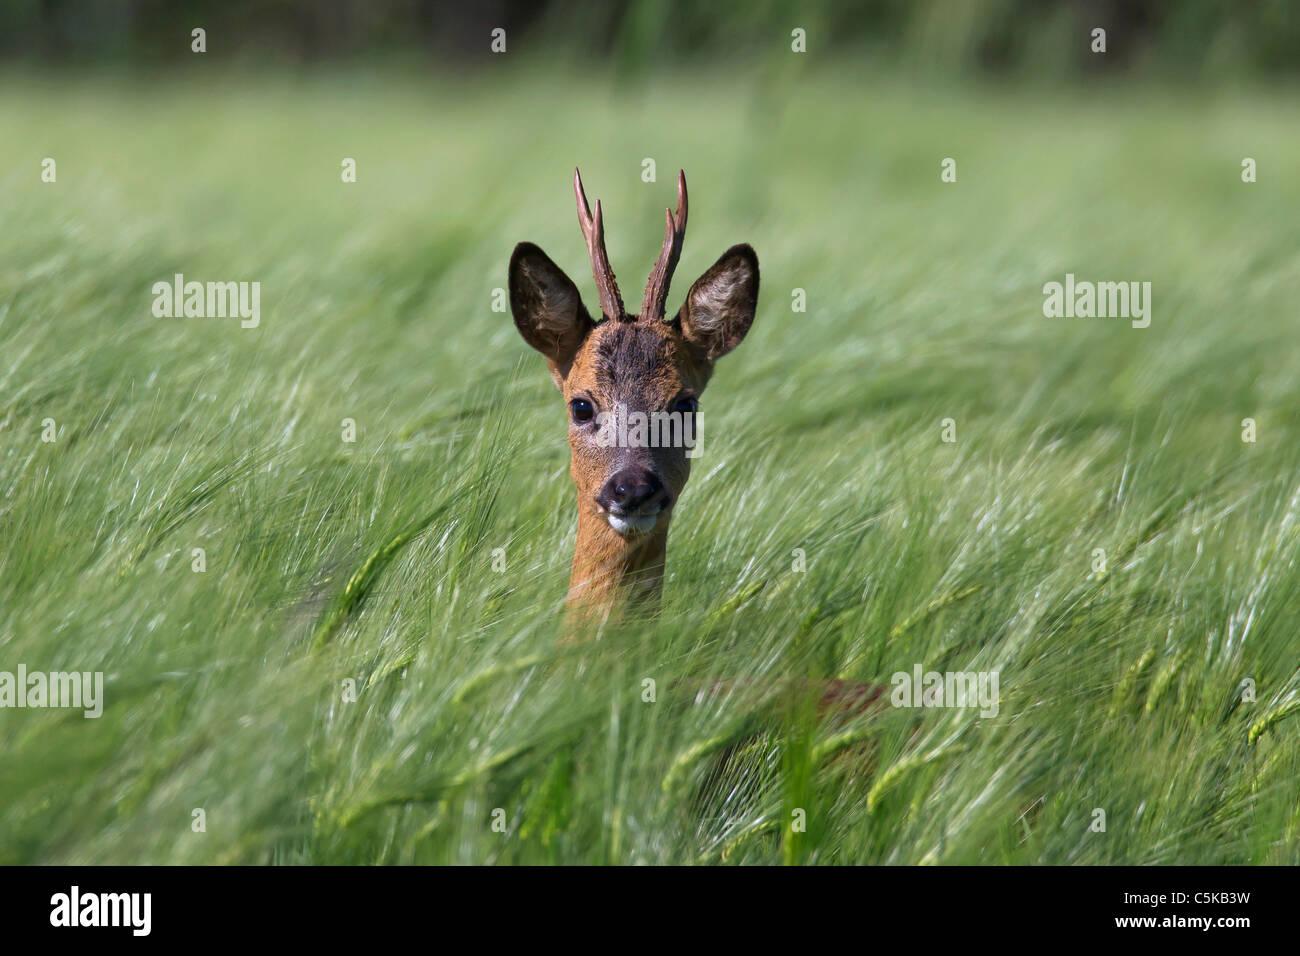 Roe deer (Capreolus capreolus) buck hiding in field, Germany - Stock Image